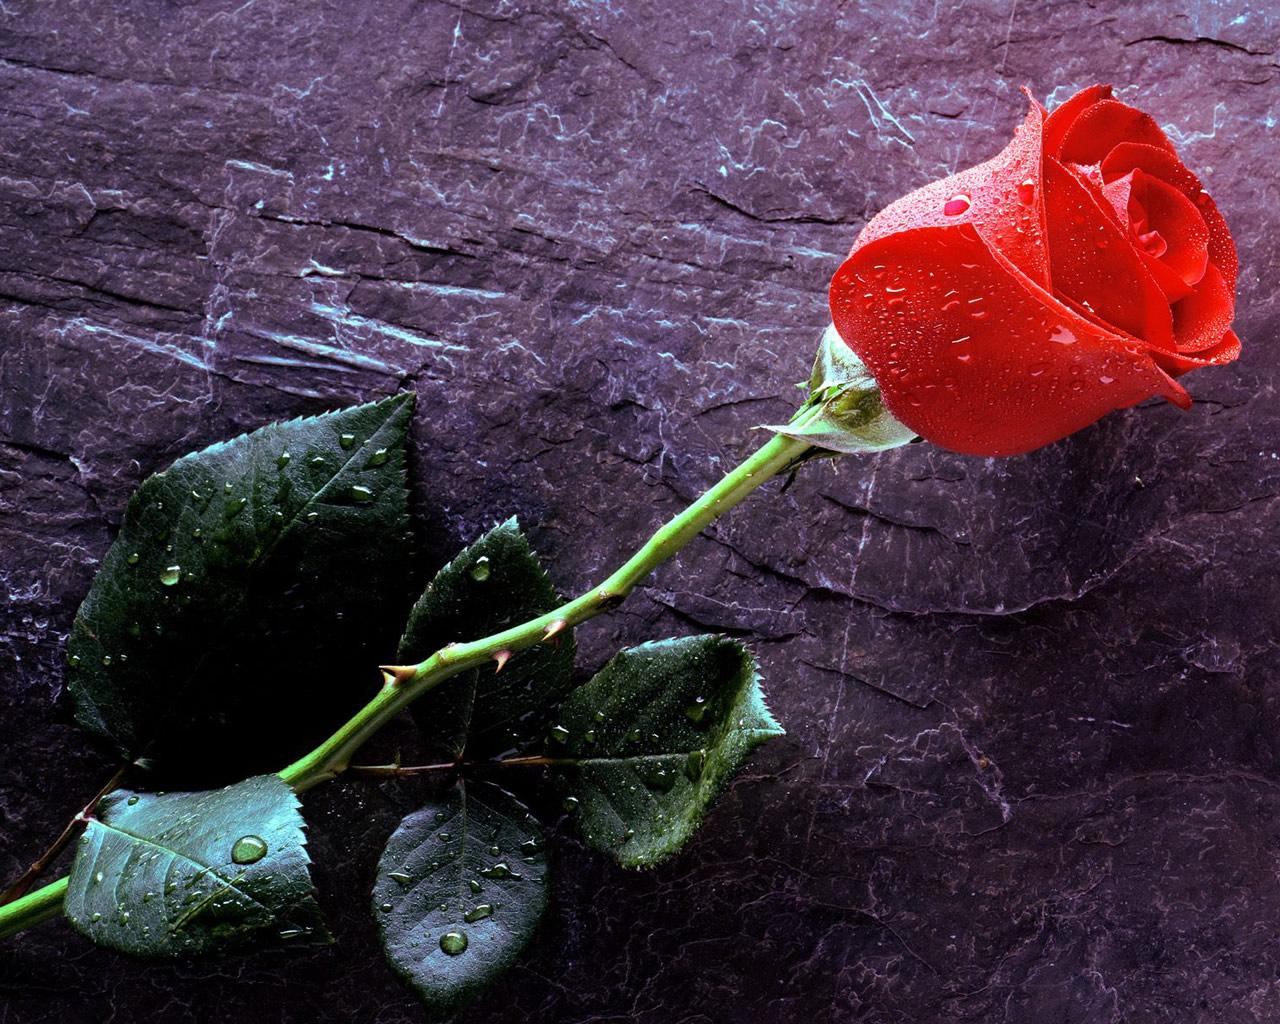 http://3.bp.blogspot.com/_6Ks7mquN8BQ/TMX10emmV2I/AAAAAAAAATU/-E9K0Hk-Bvc/s1600/trandafir_rosu.jpg